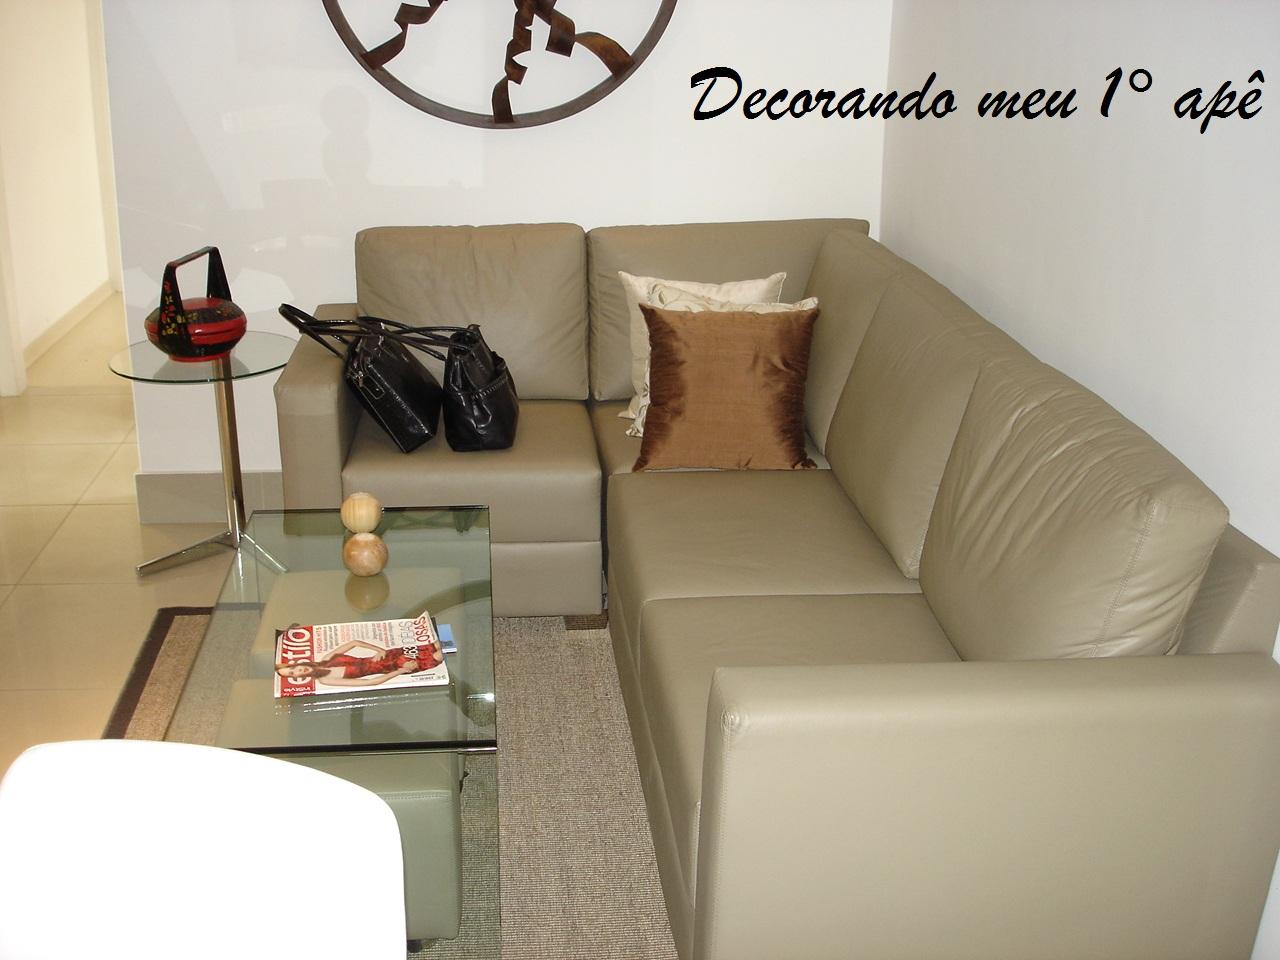 Decorando meu 1° apê: Show Room Apartamento decorado Parte III #9E3B2D 1280x960